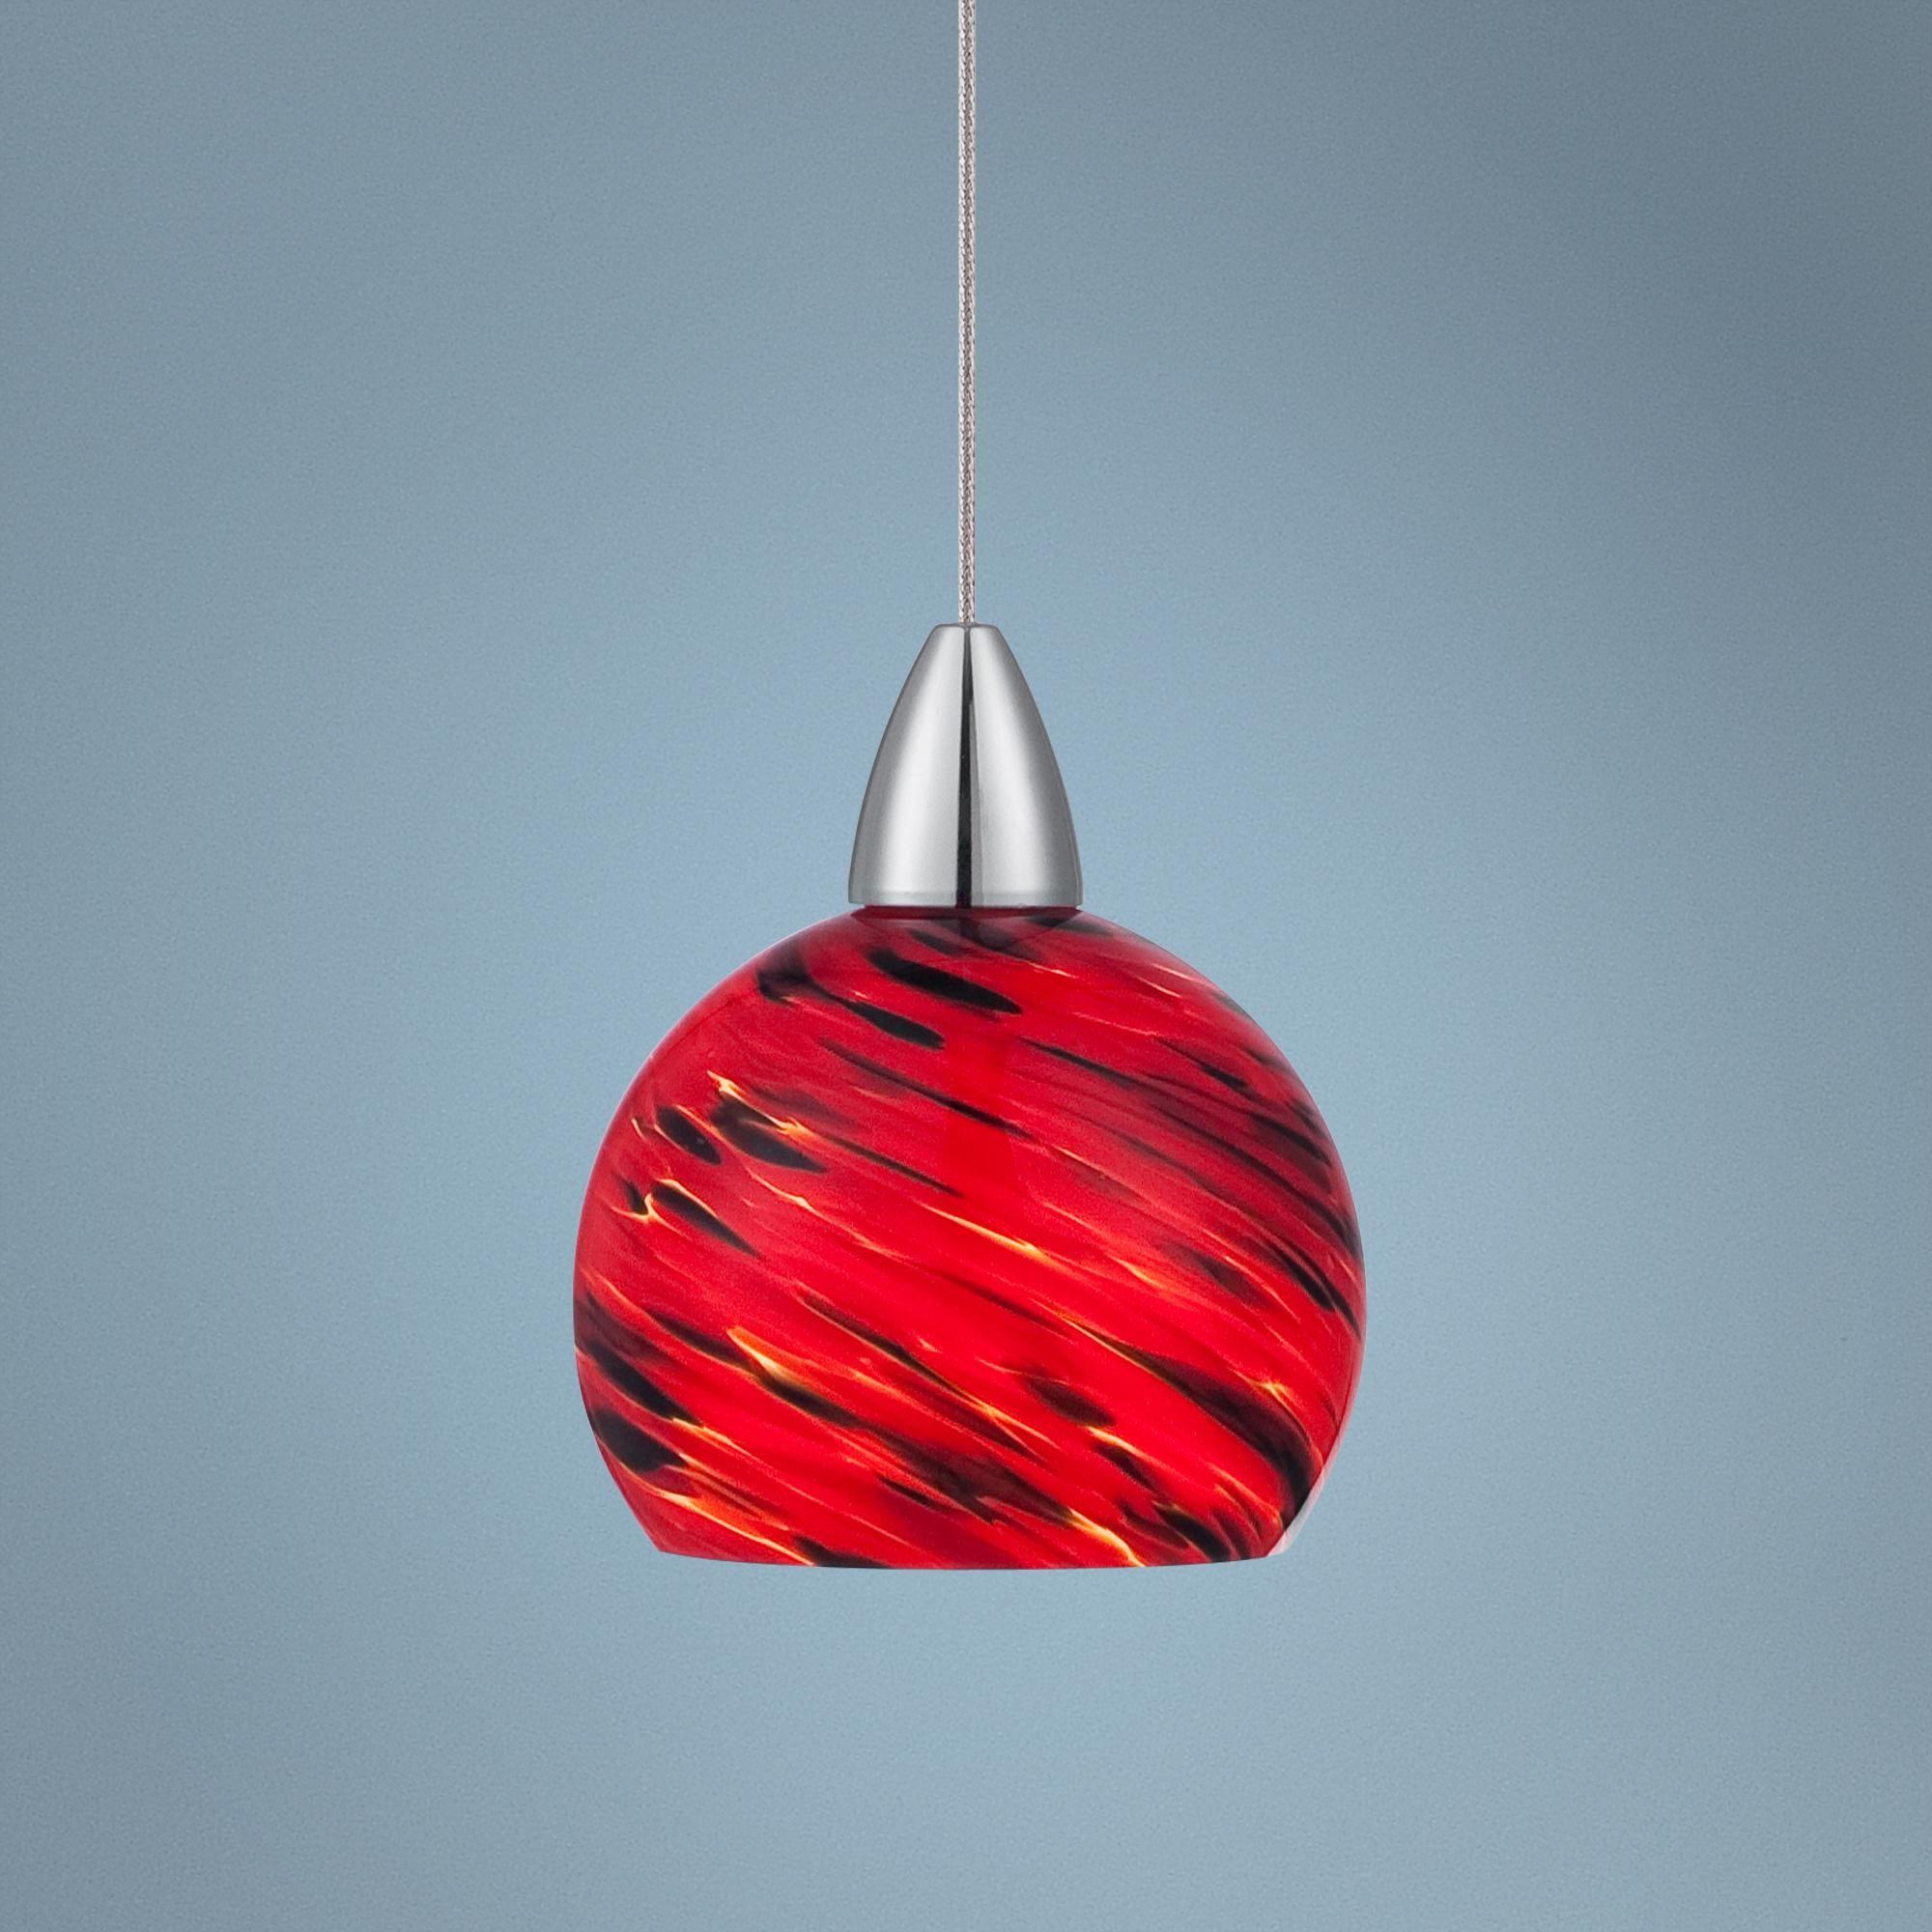 Possini Euro Arata Red Art Glass Led Mini Pendant Light Y1734 Lamps Plus Mini Pendant Lights Red Pendant Light Pendant Light